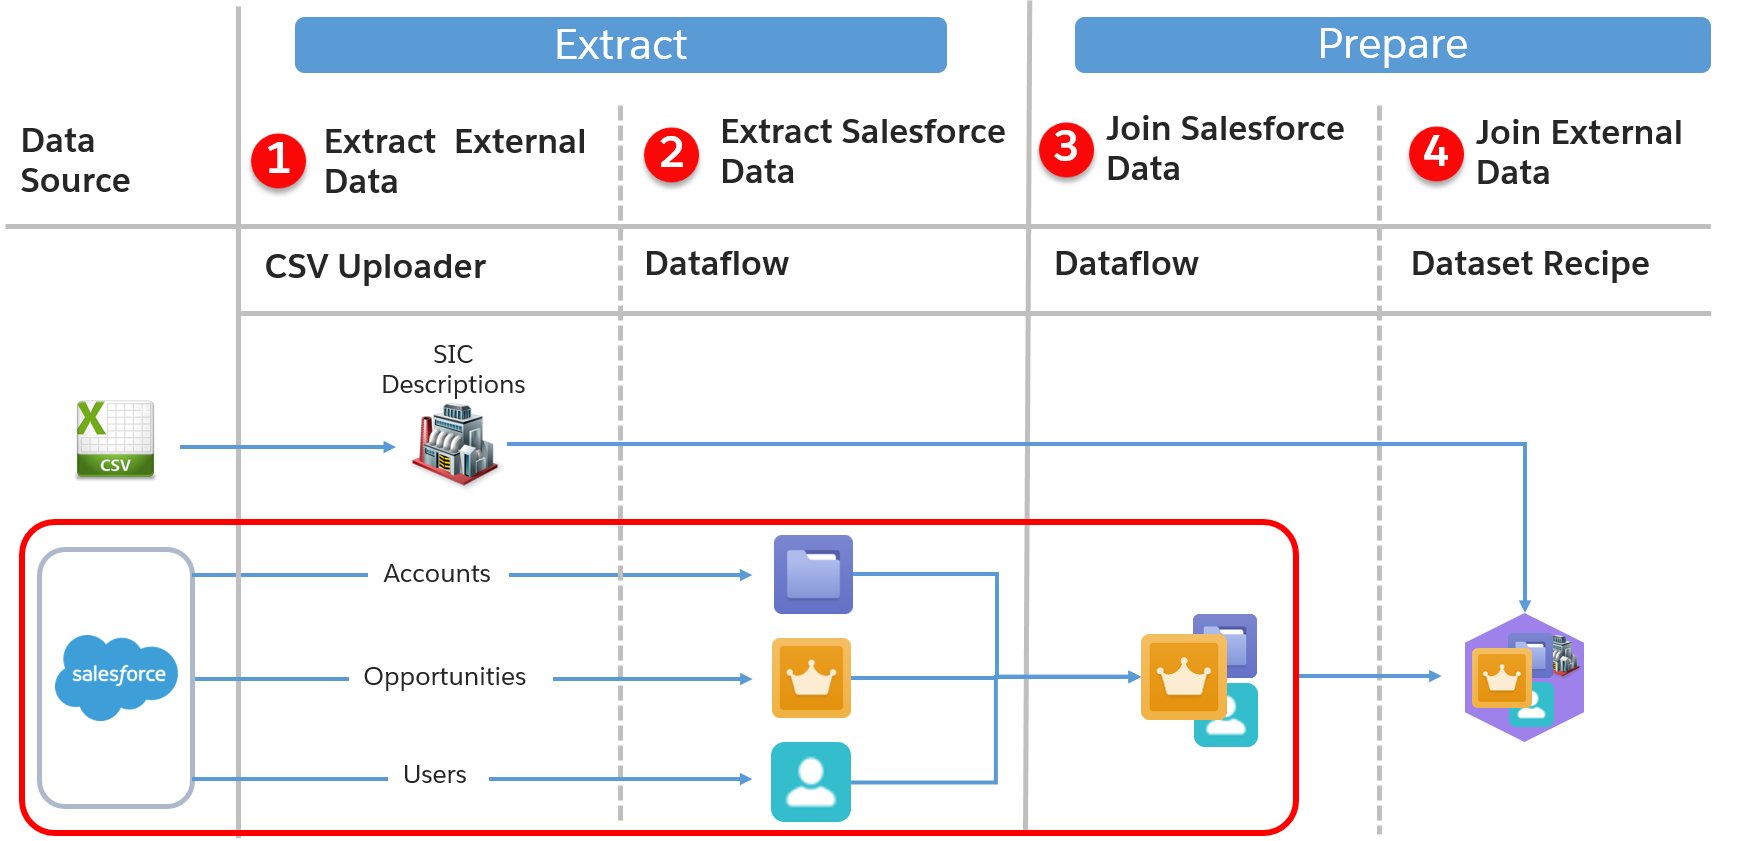 Représentation de l'importation des données avec mise en évidence du processus d'extraction d'objets Salesforce